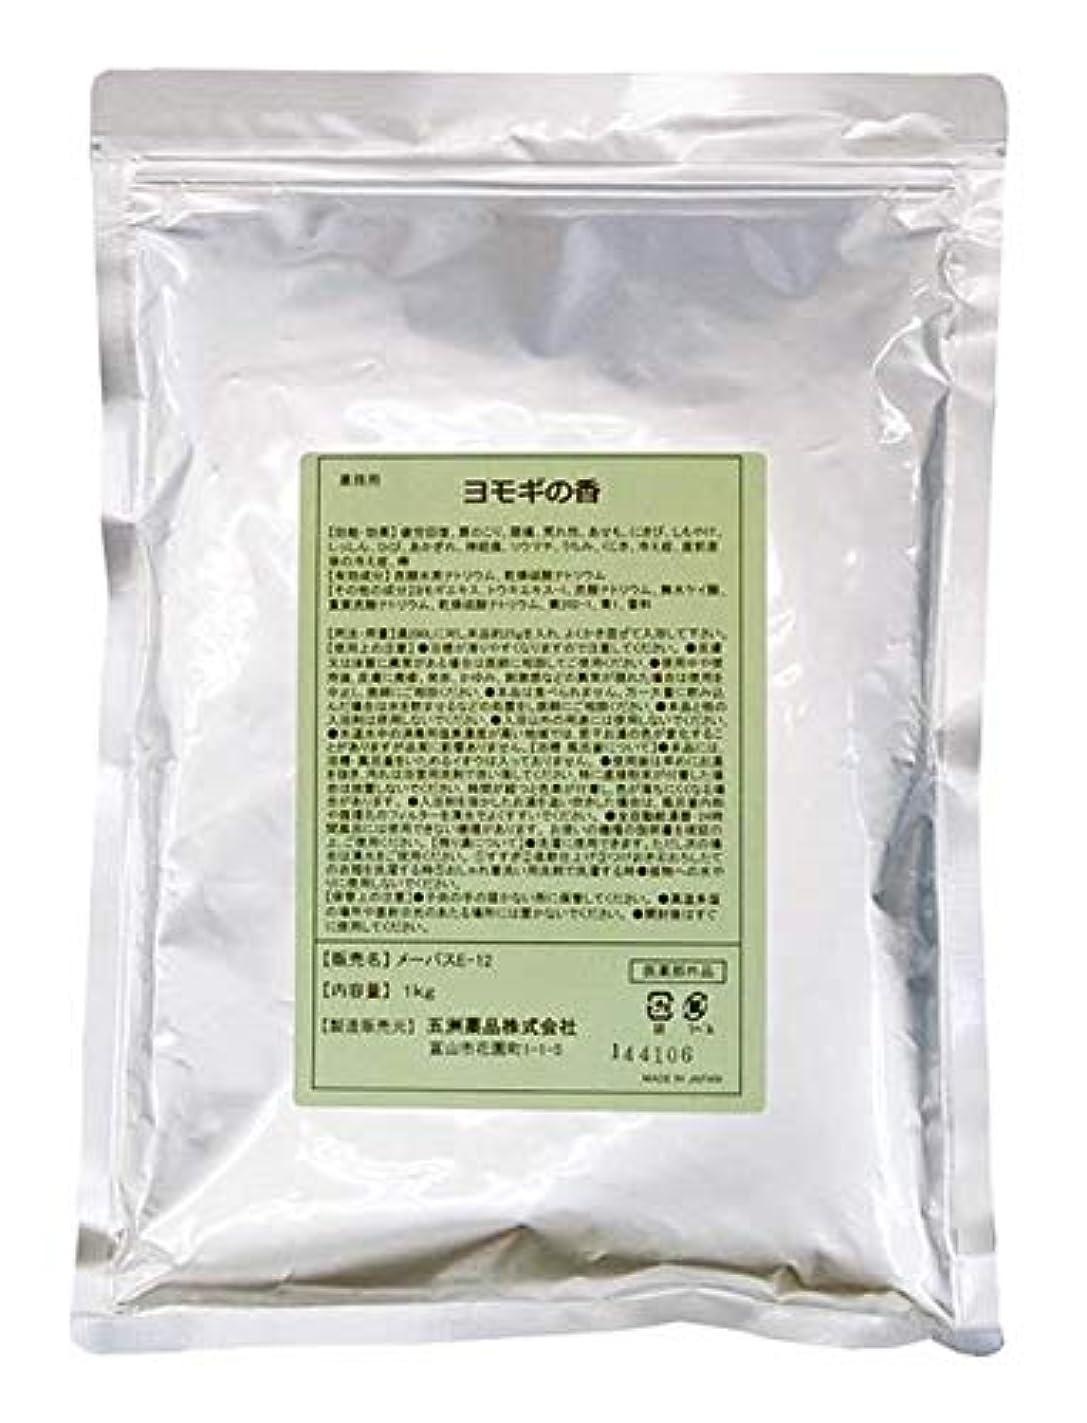 経験者フロー同化薬用入浴剤 業務用 ヨモギの香 1kg [医薬部外品]